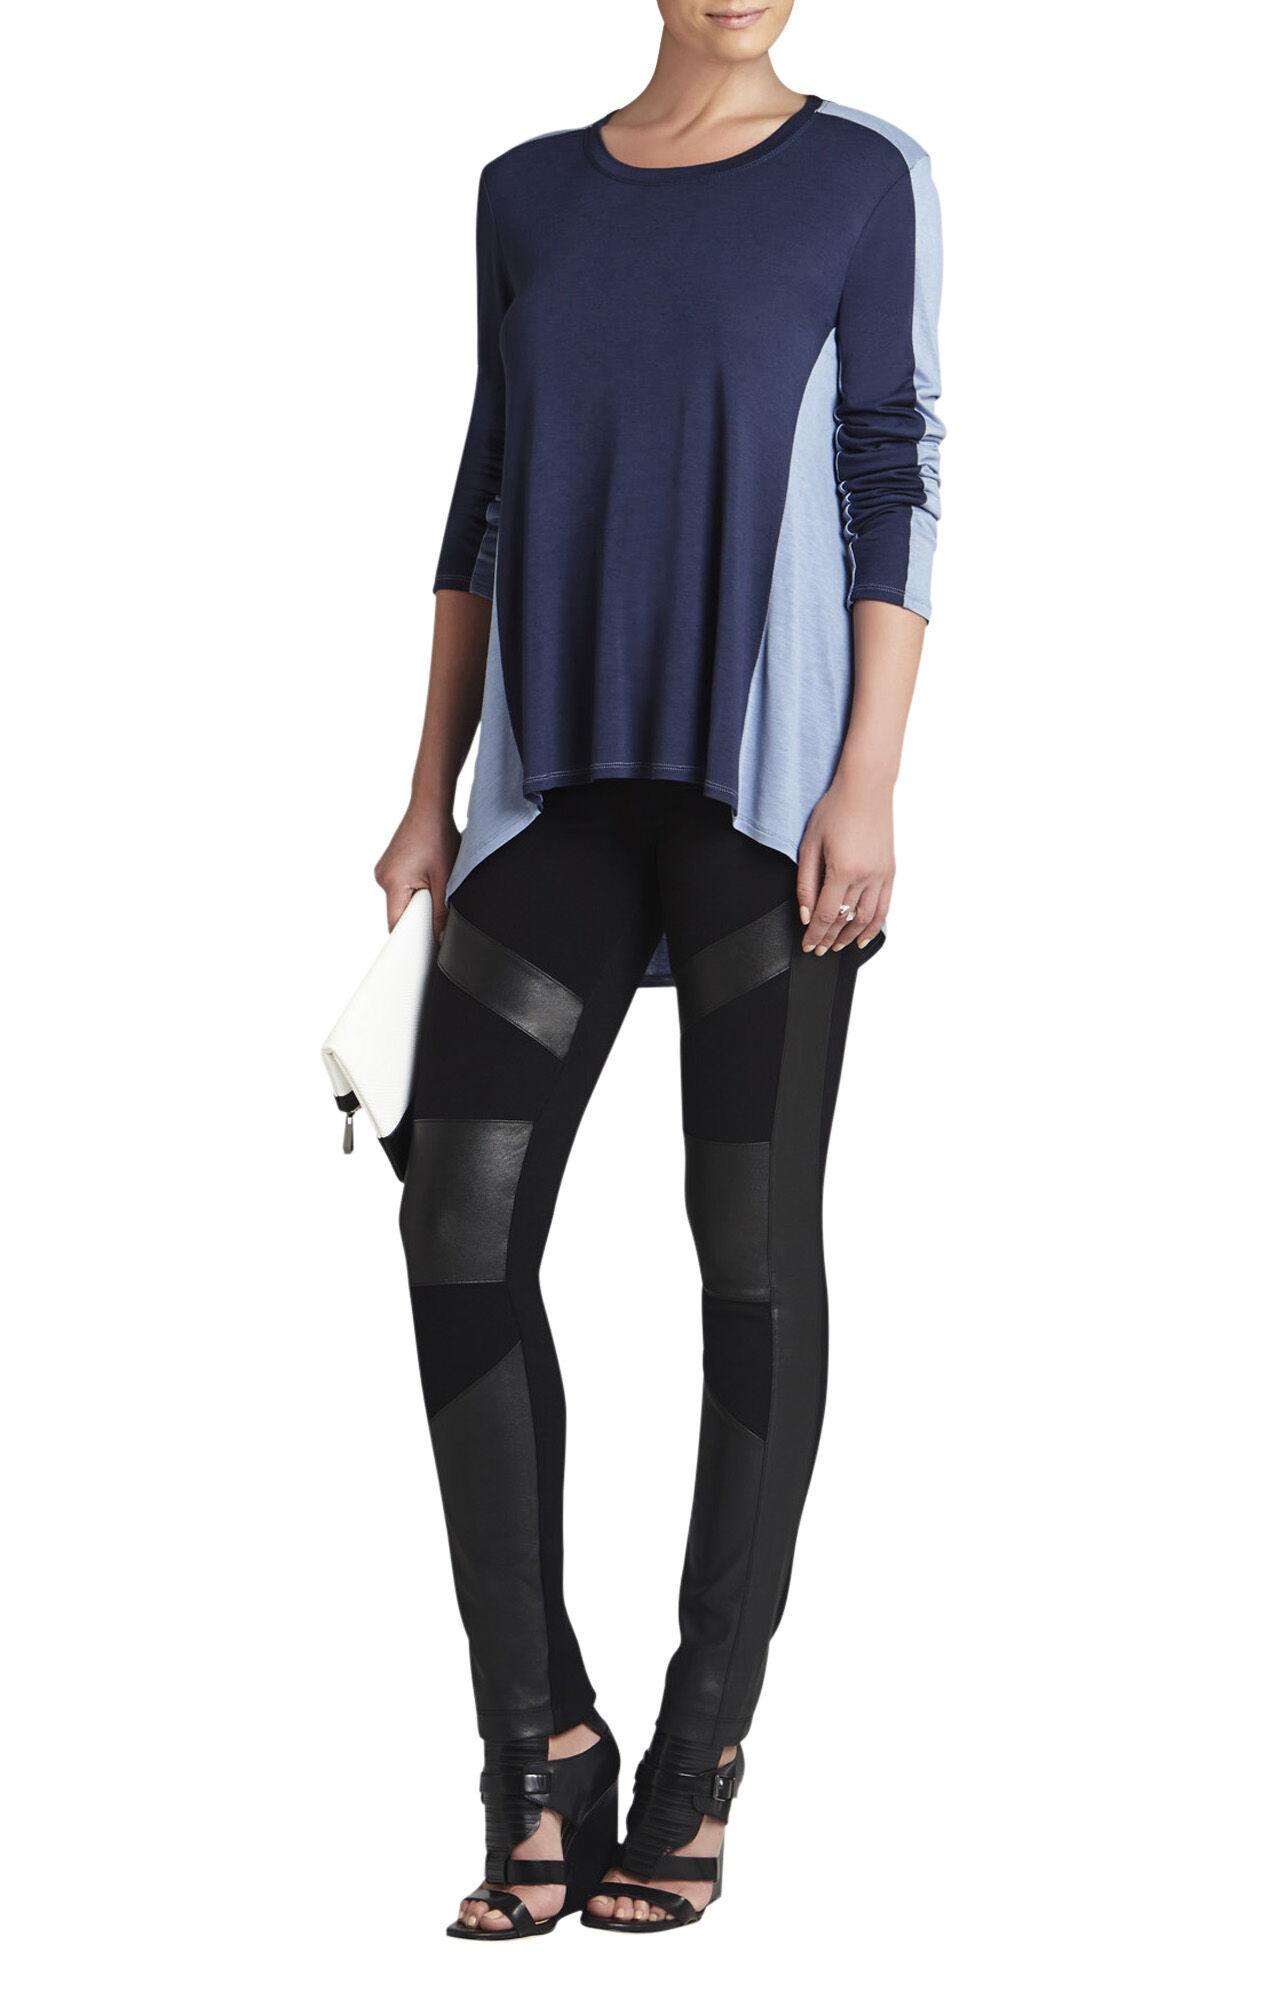 Bayle Color-Blocked Legging